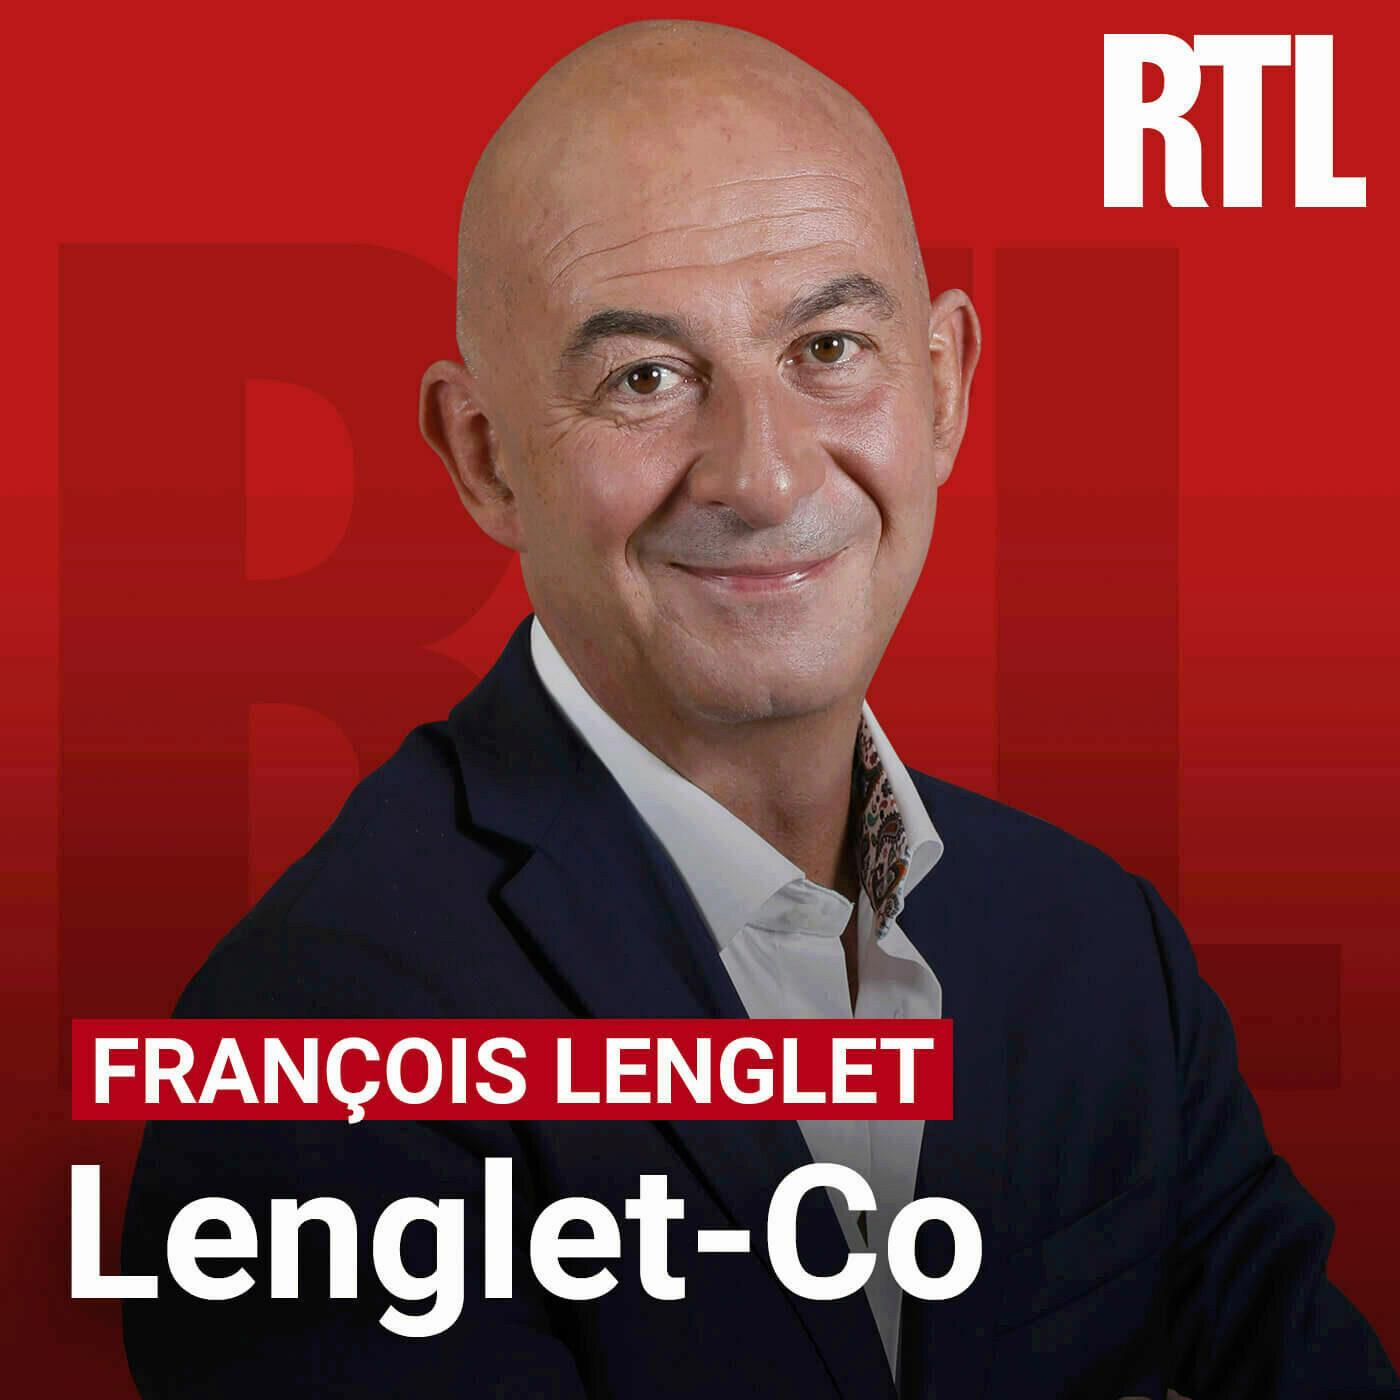 Image 1: Lenglet Co